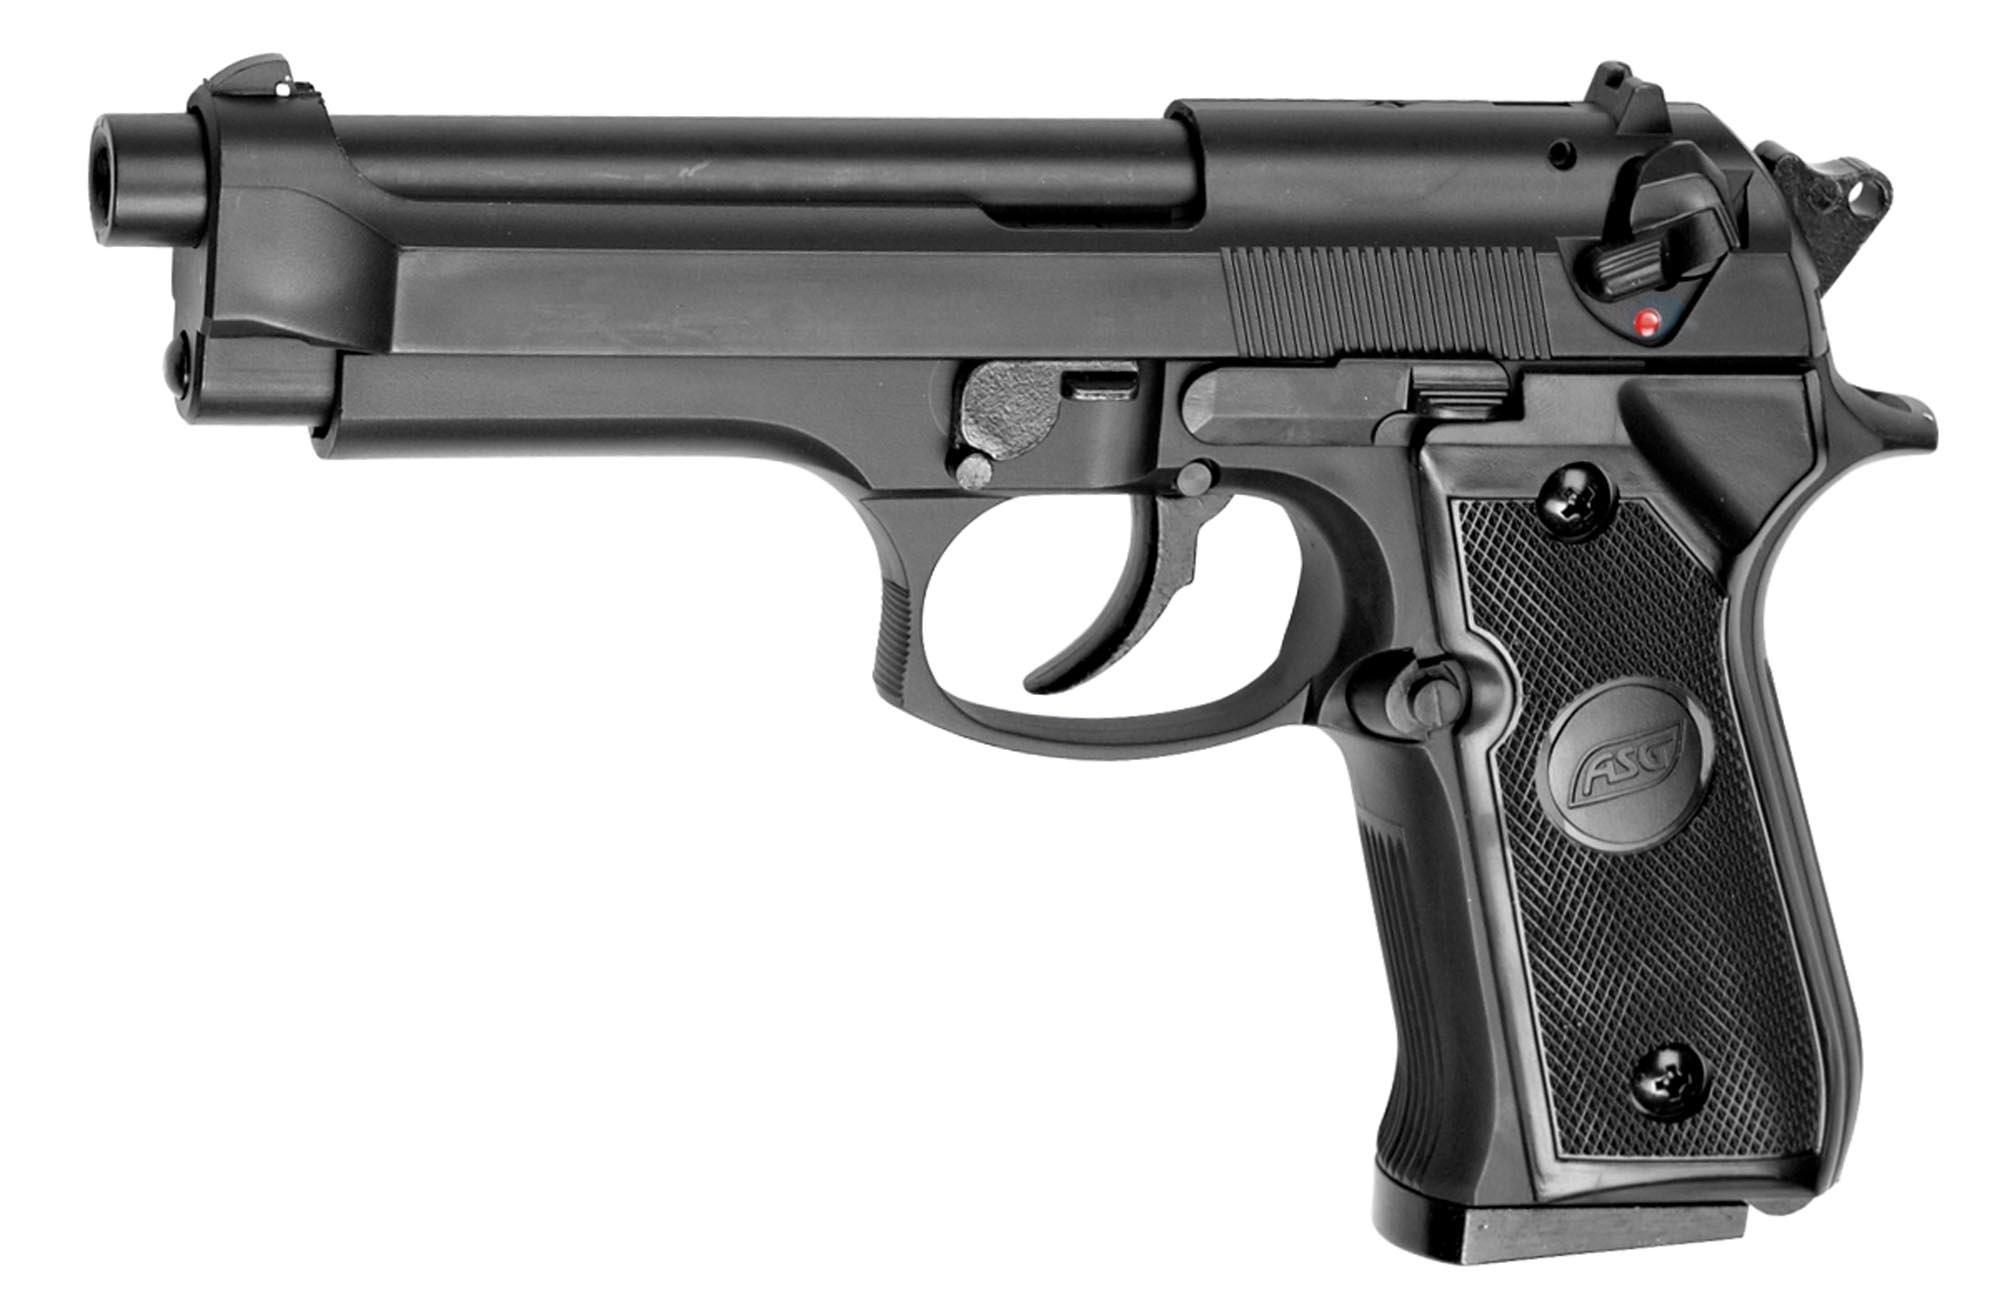 REPLIQUE BERETTA M9 0.8J GAZ GBB